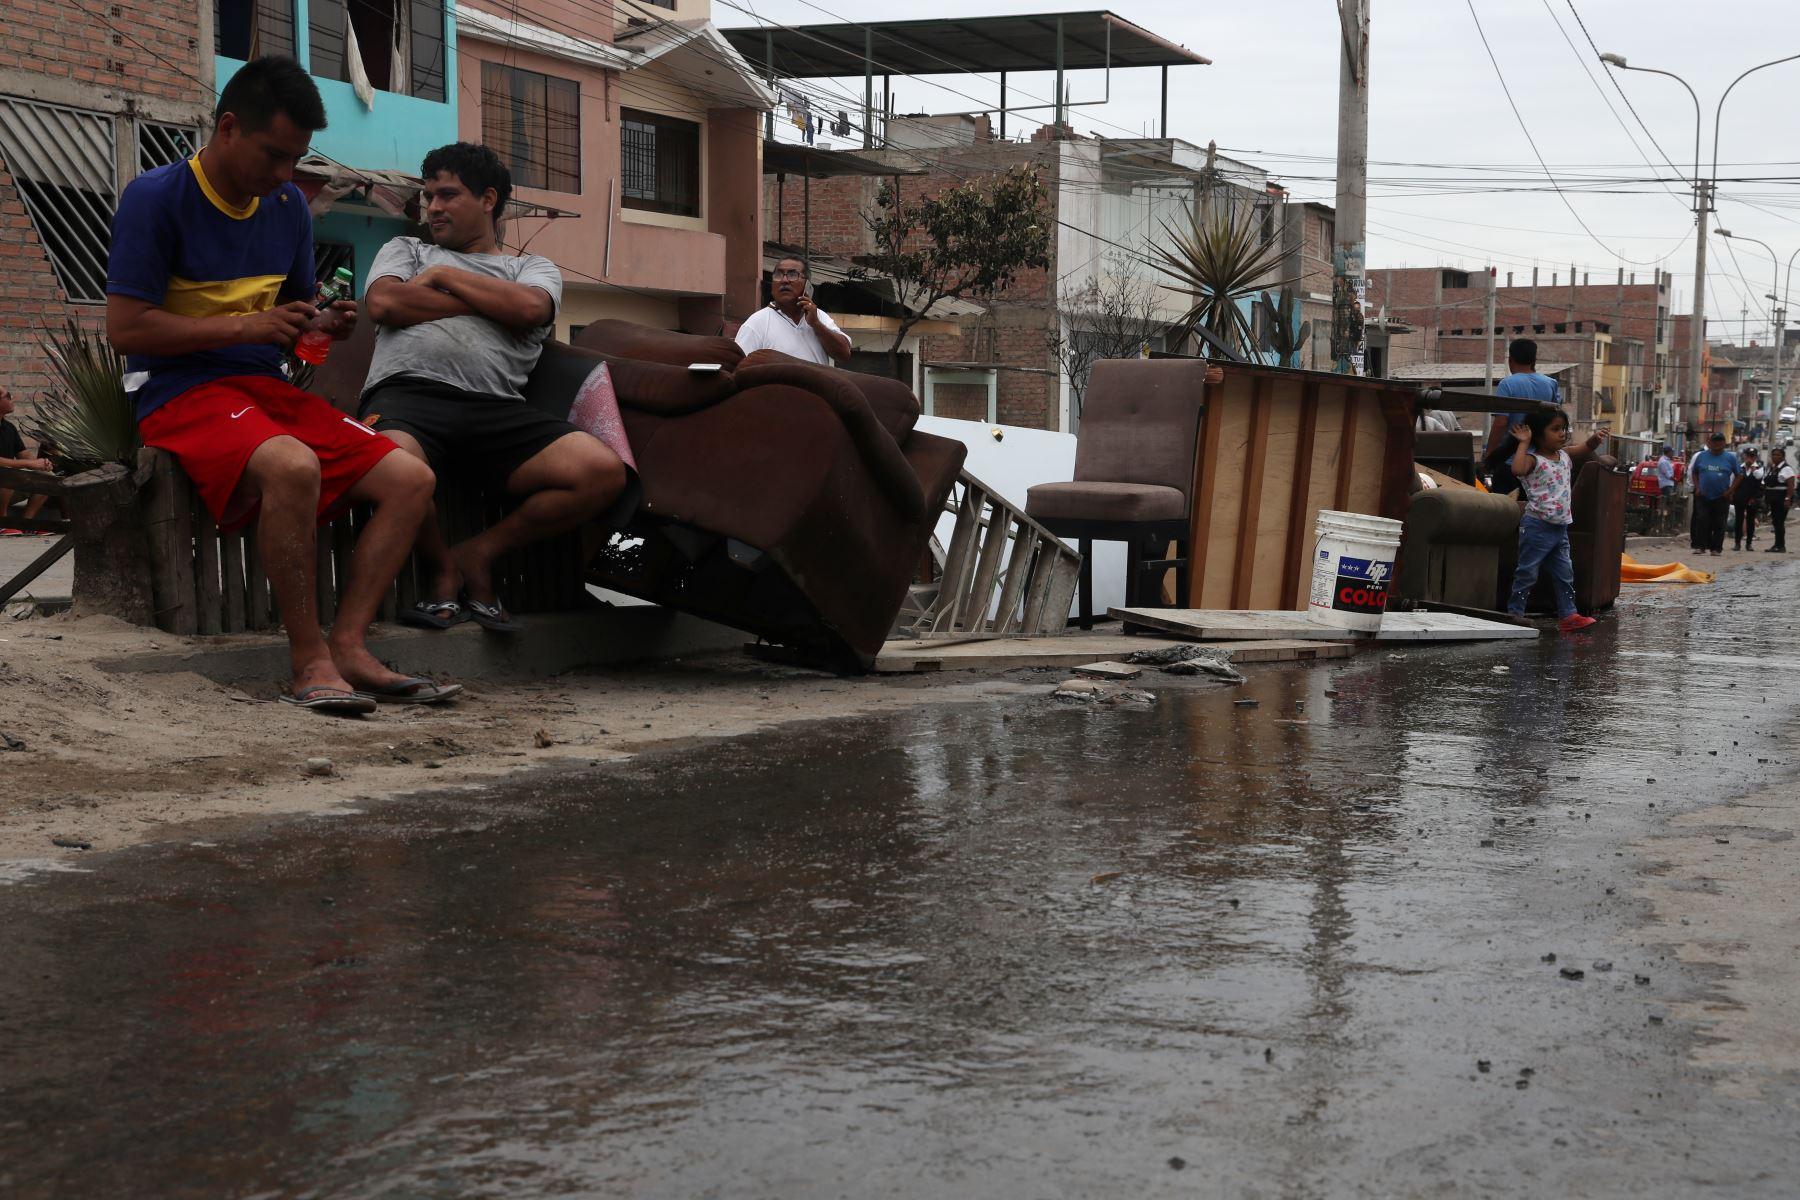 La deflagración ocurrida en Villa el Salvador dejó toda una cuadra con casas dañadas en la calle Villa del Mar.  Foto: ANDINA/Melina Mejía